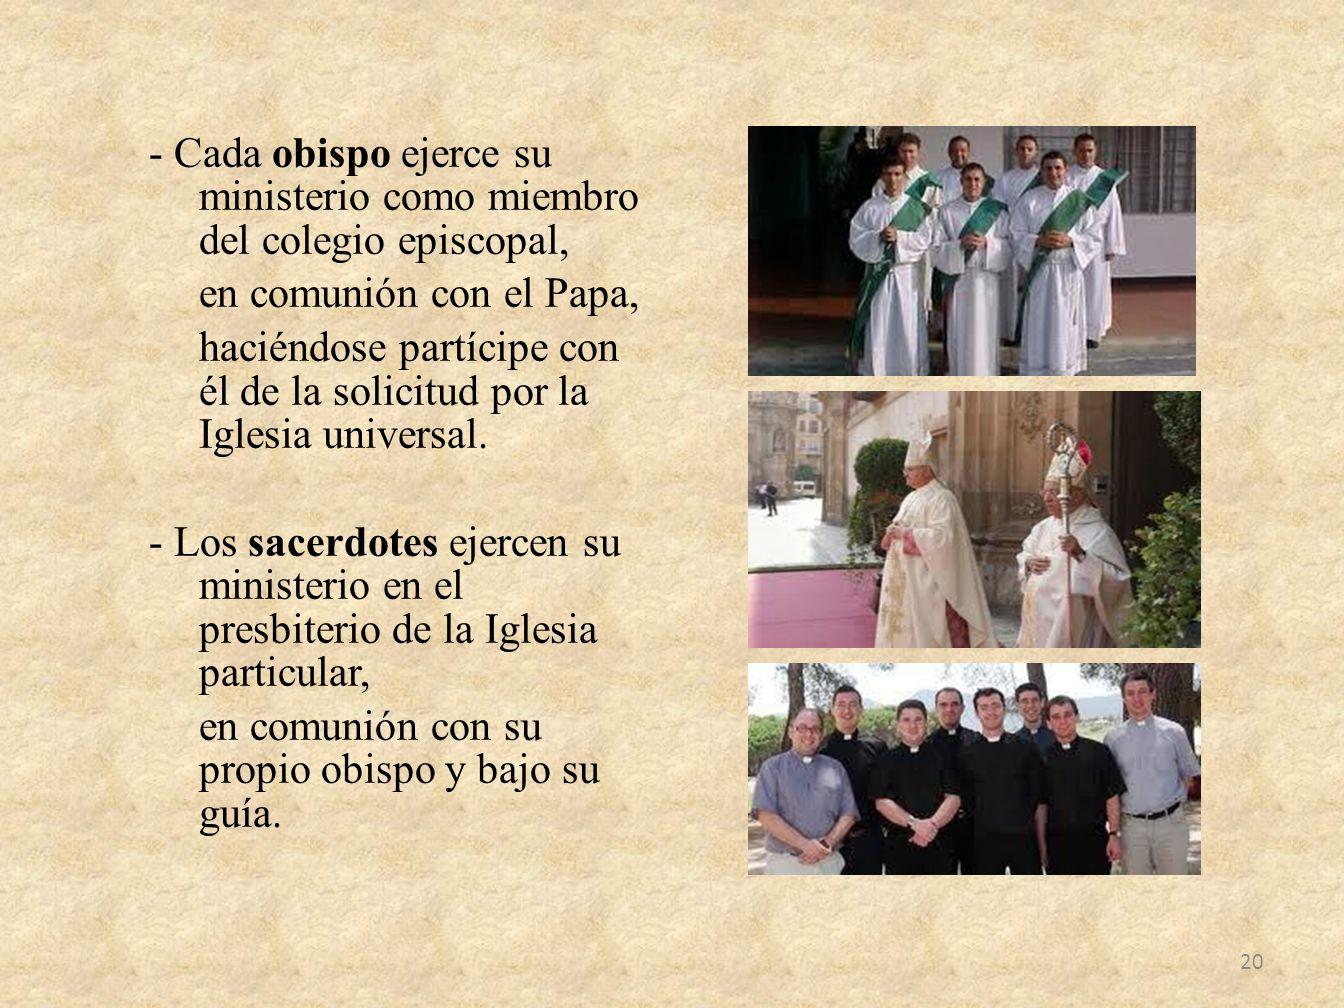 - Cada obispo ejerce su ministerio como miembro del colegio episcopal, en comunión con el Papa, haciéndose partícipe con él de la solicitud por la Iglesia universal.